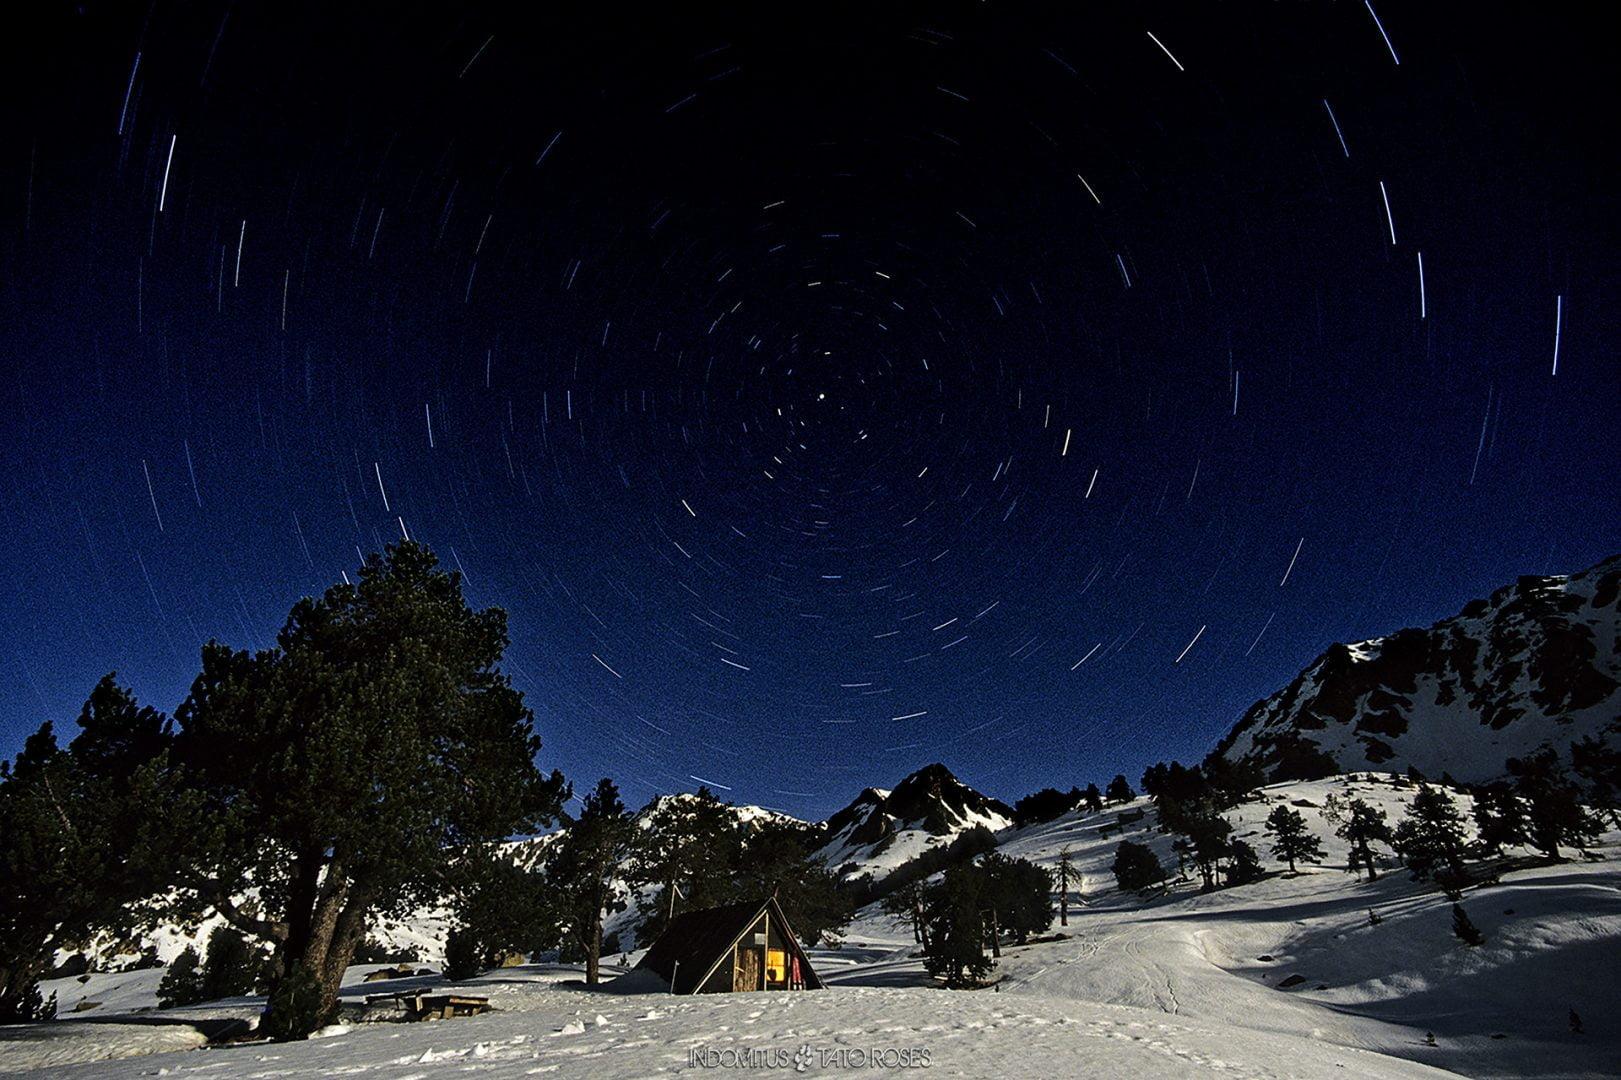 Pirineos Indomitus Tato Rosés 01